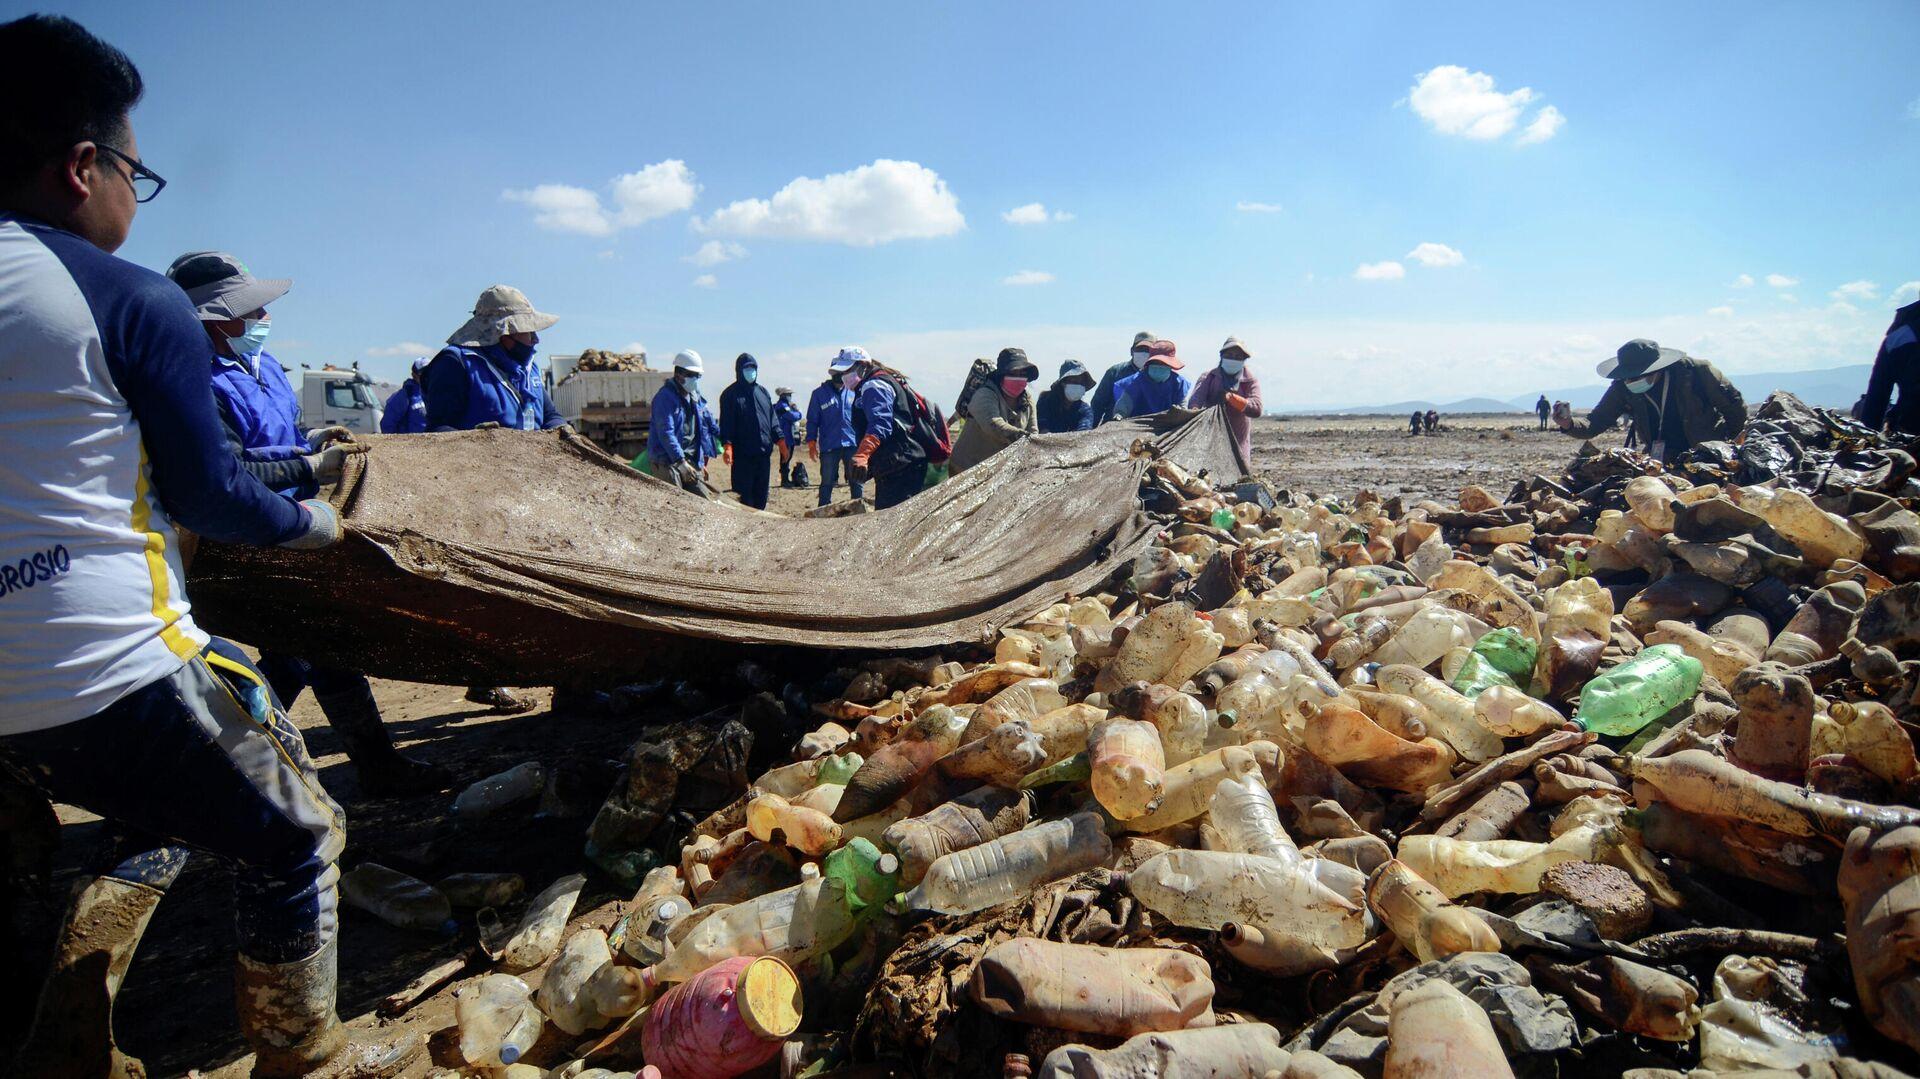 La campaña de limpieza en el lago Uru Uru, Bolivia - Sputnik Mundo, 1920, 09.04.2021